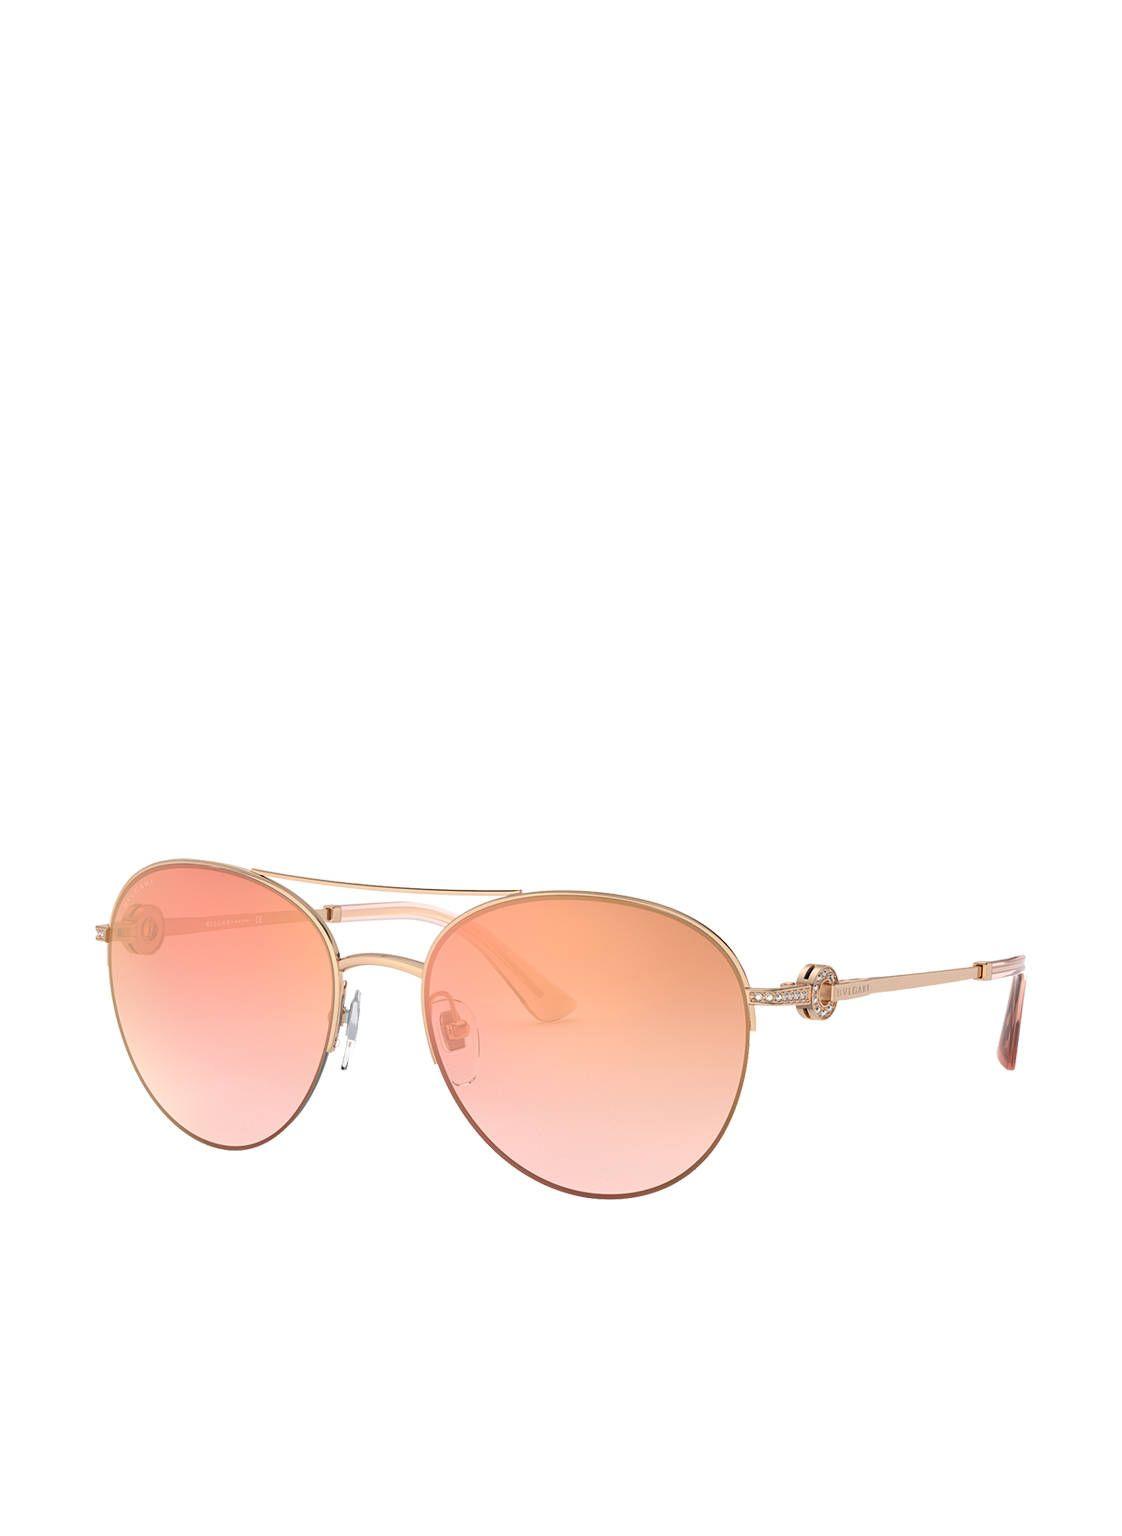 Sonnenbrille BV6132B mit Schmucksteinbesatz von BVLGARI bei Breuninger kaufen